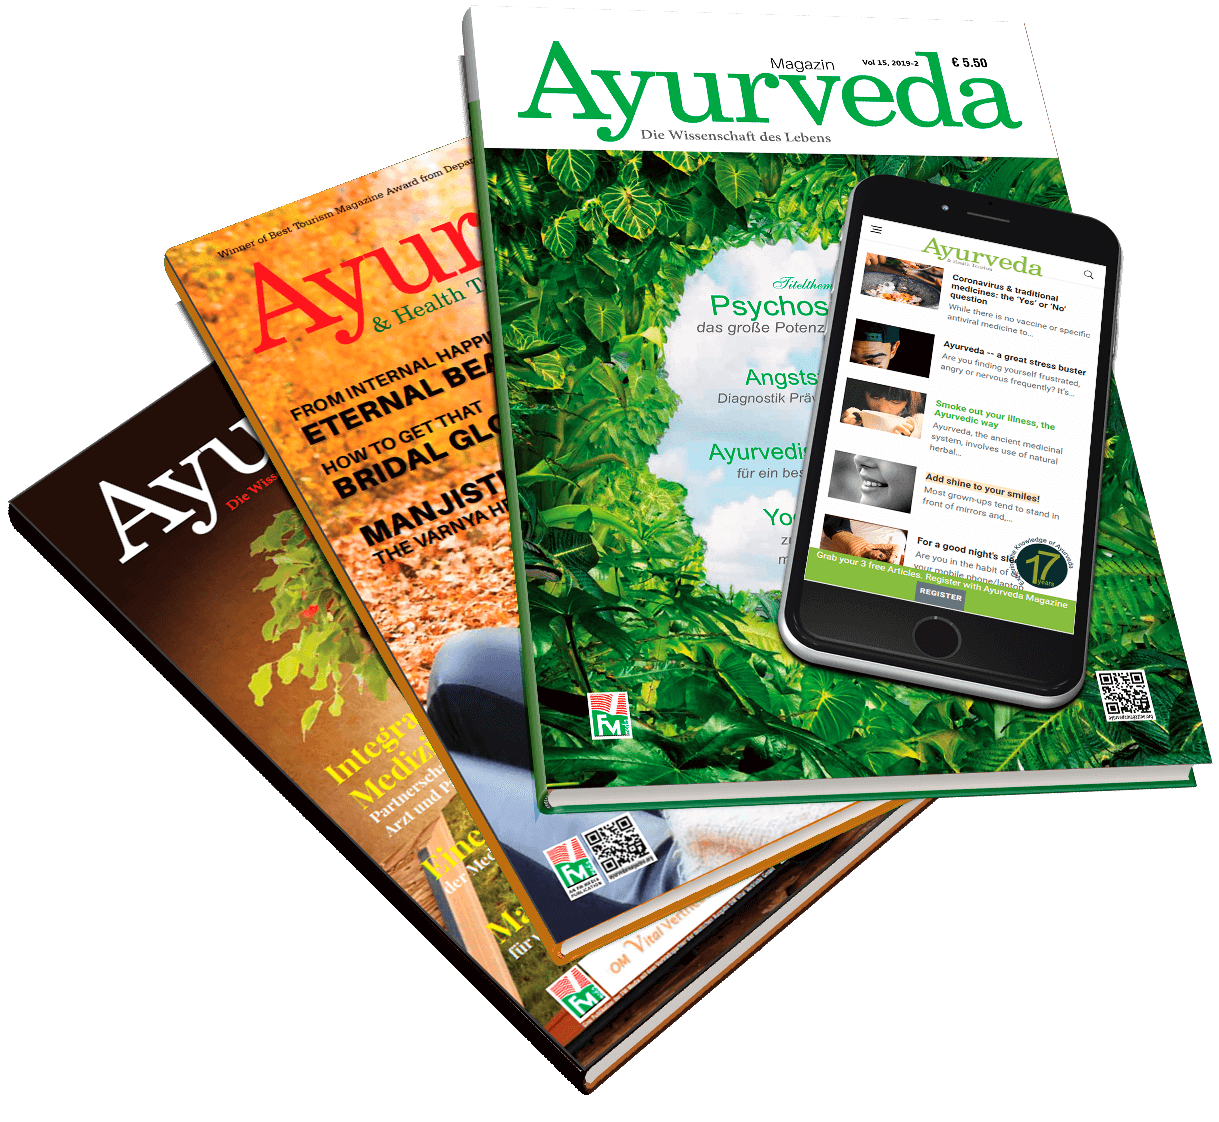 Ayurveda magazine fmmedia